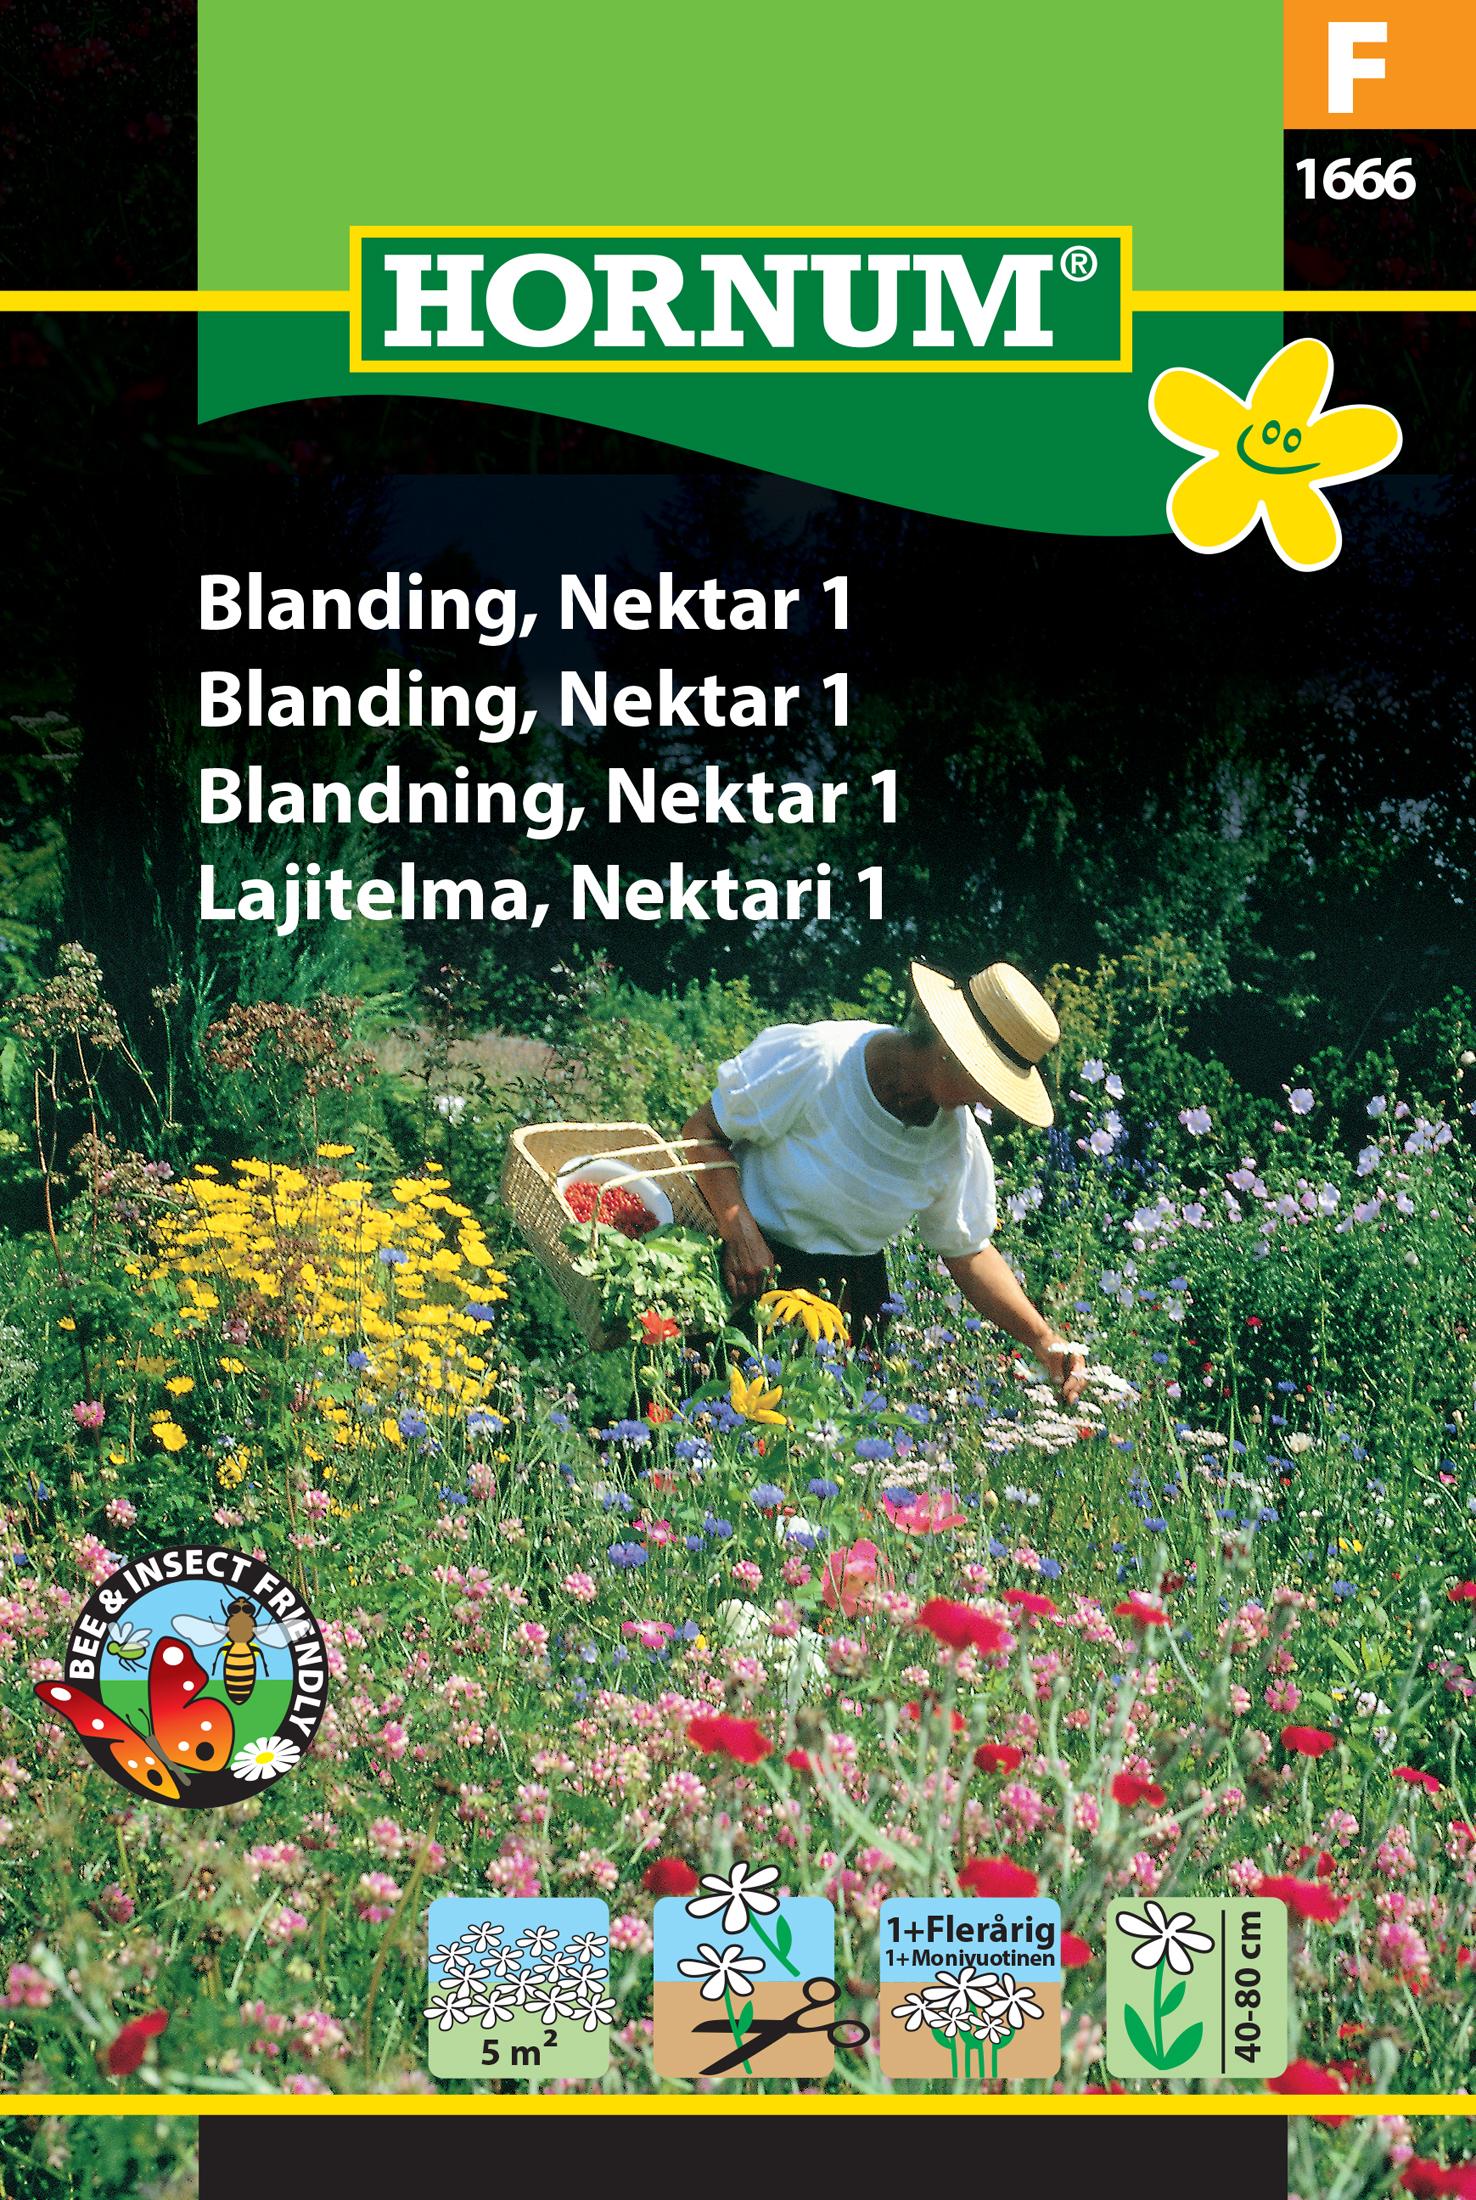 Blomster blandning, Nektar 1